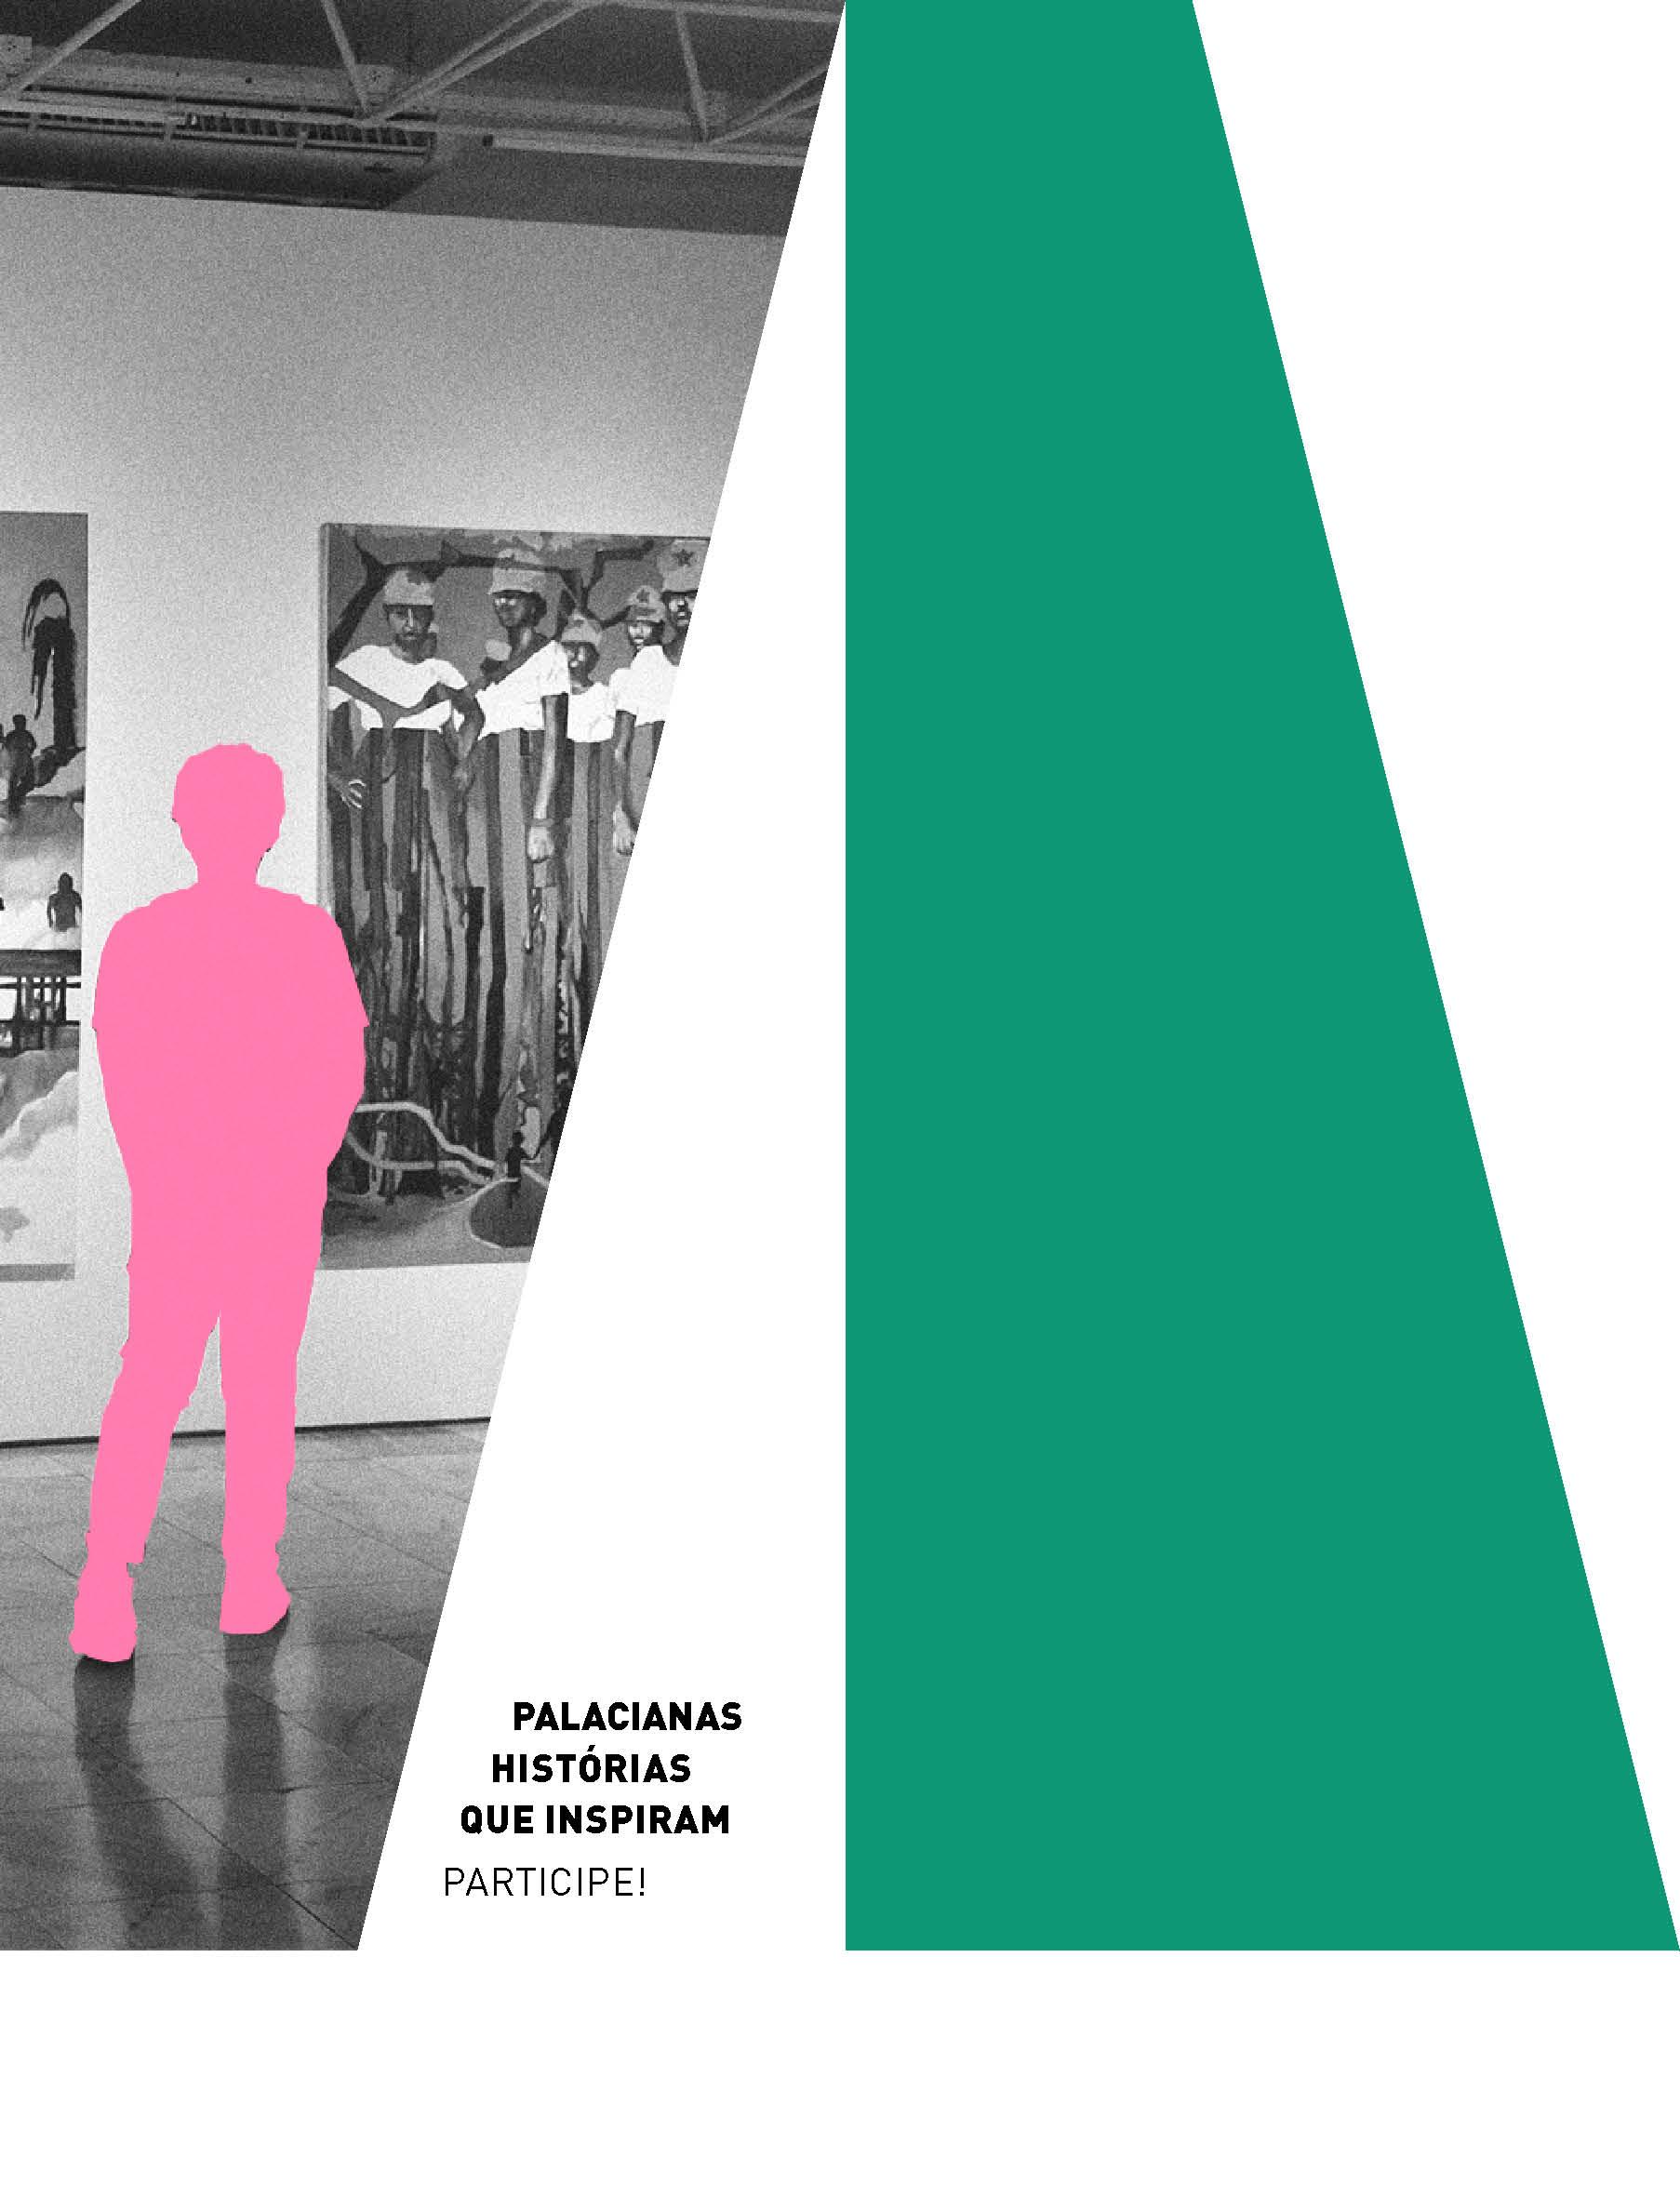 Evento: FCS convida público a contar histórias inesquecíveis vividas no Palácio das Artes